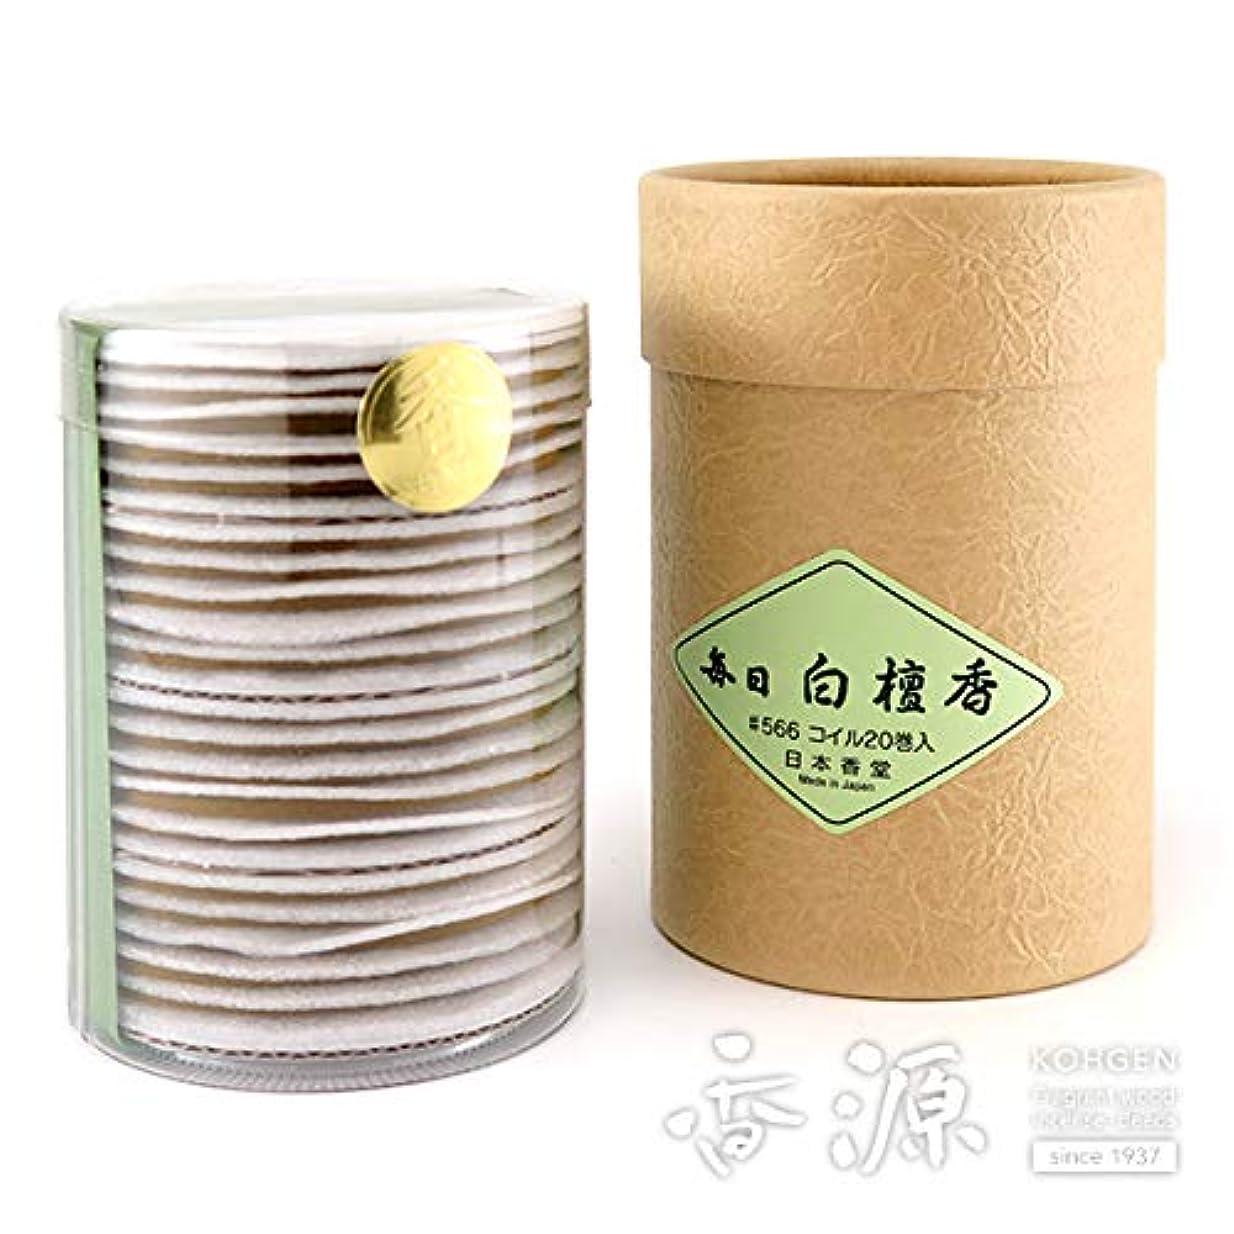 偏見中性保険日本香堂のお香 毎日白檀香 徳用渦巻型20枚入